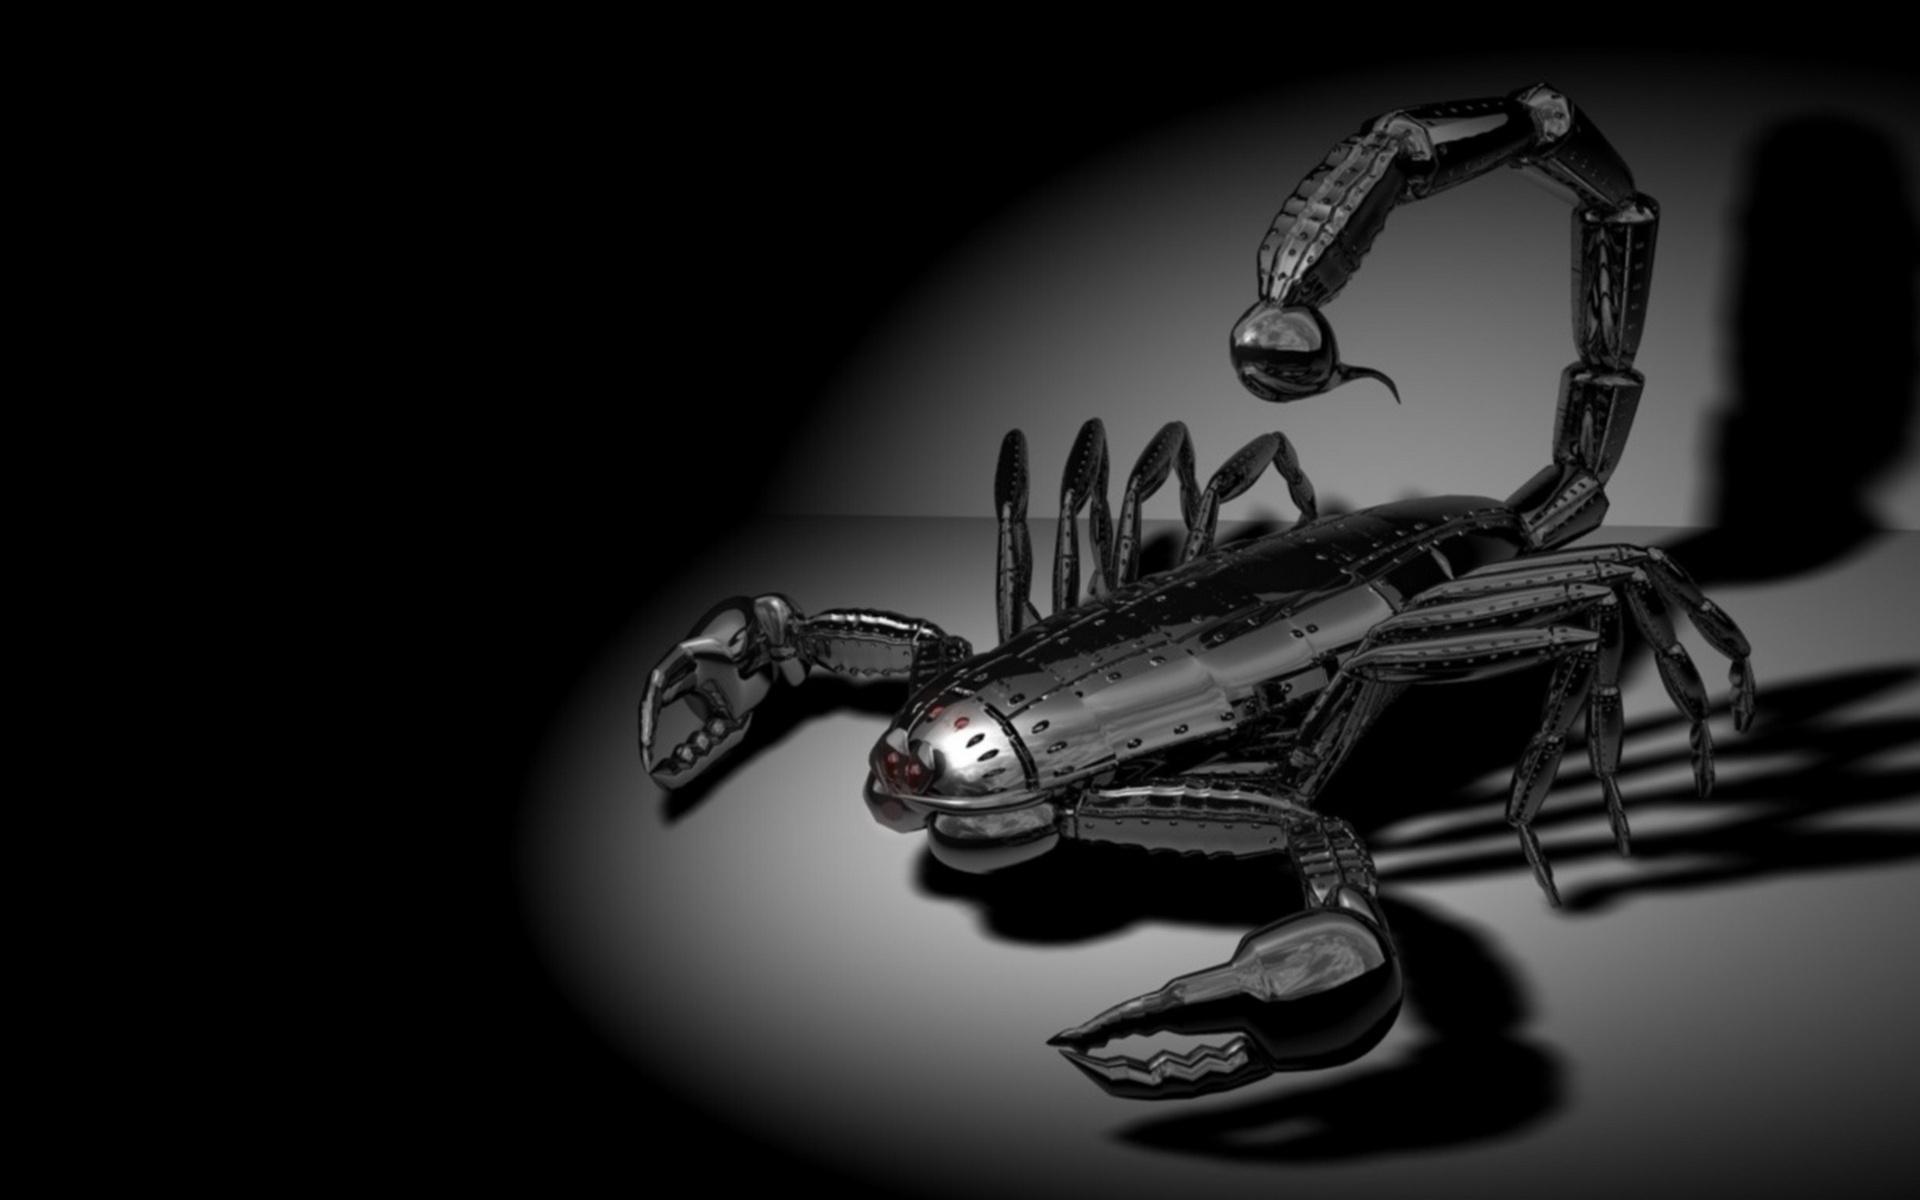 скорпион, черный, темно